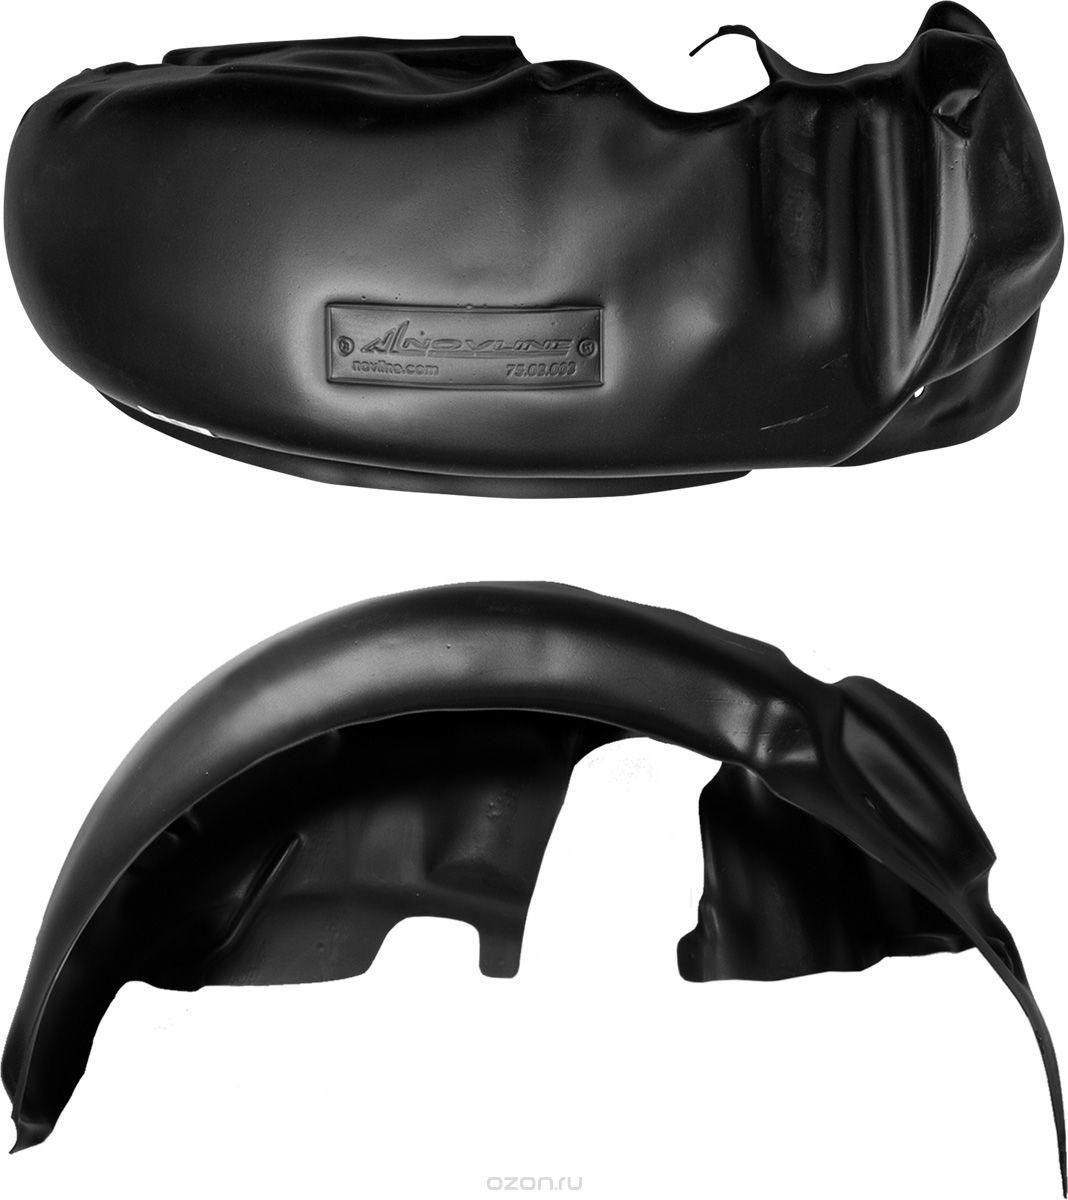 Подкрылок Novline-Autofamily, для FORD EcoSport 4WD, 2014->, задний правыйNLL.16.55.004Идеальная защита колесной ниши. Локеры разработаны с применением цифровых технологий, гарантируют максимальную повторяемость поверхности арки. Изделия устанавливаются без нарушения лакокрасочного покрытия автомобиля, каждый подкрылок комплектуется крепежом. Уважаемые клиенты, обращаем ваше внимание, что фотографии на подкрылки универсальные и не отражают реальную форму изделия. При этом само изделие идет точно под размер указанного автомобиля.